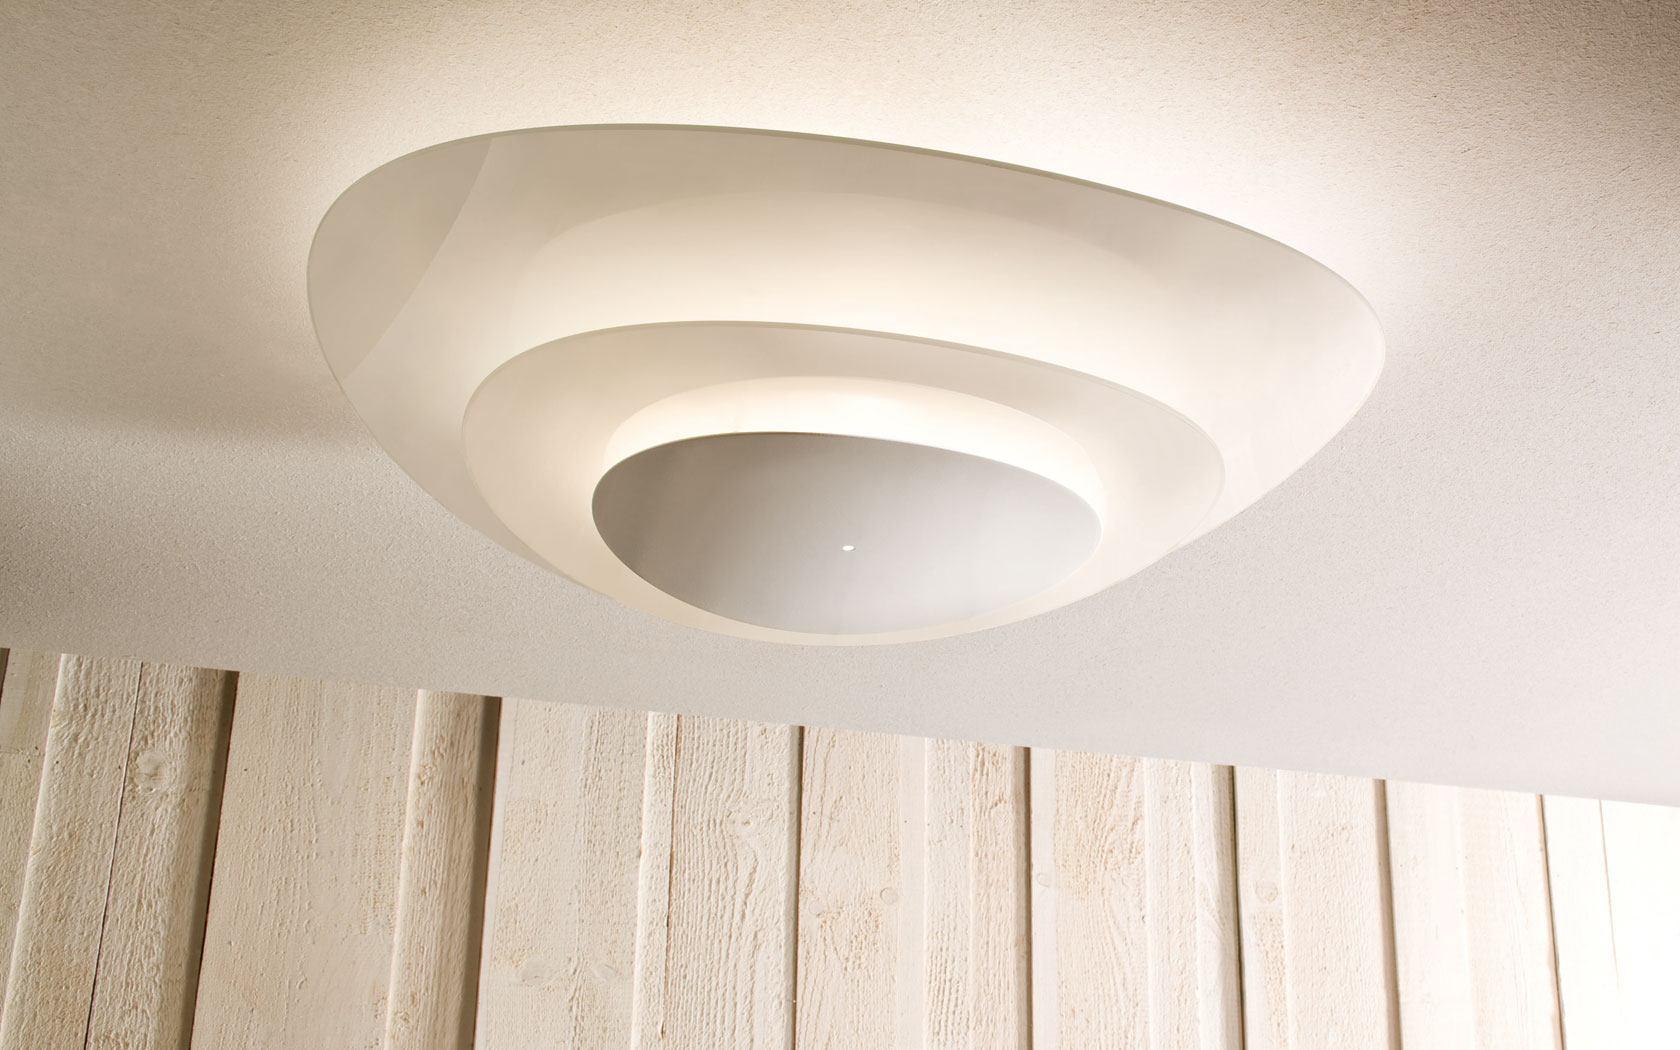 plana deckenleuchte von muranoluce by light4. Black Bedroom Furniture Sets. Home Design Ideas